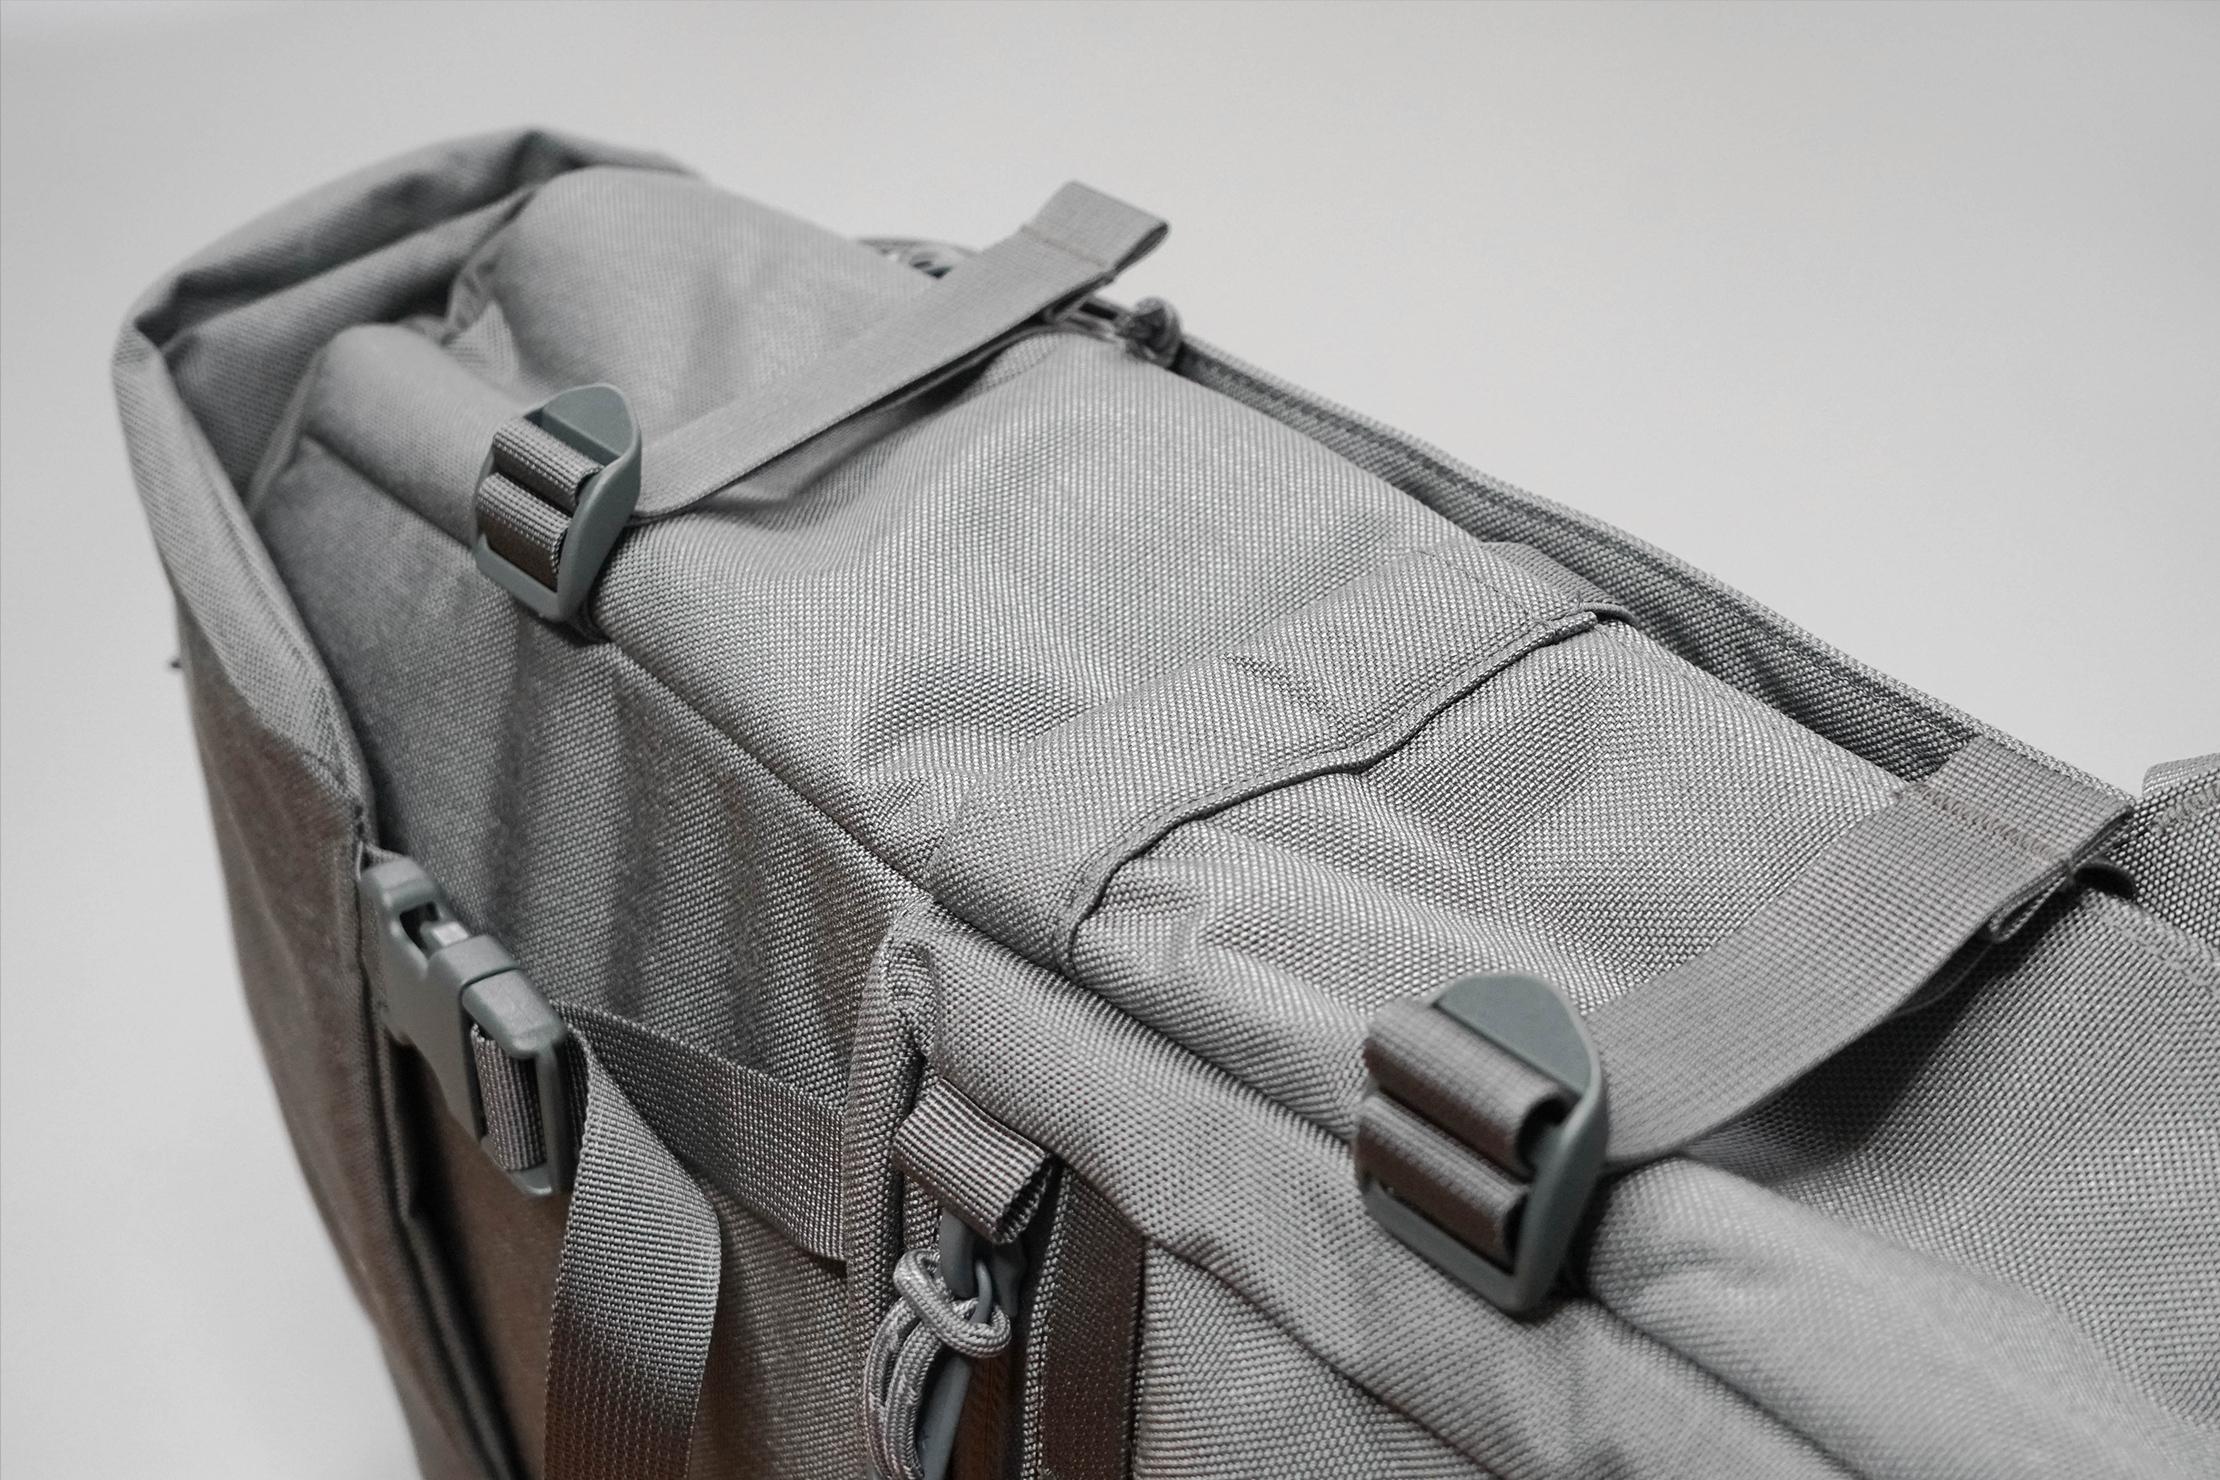 Topo Designs Rover Pack Tech Compression Straps